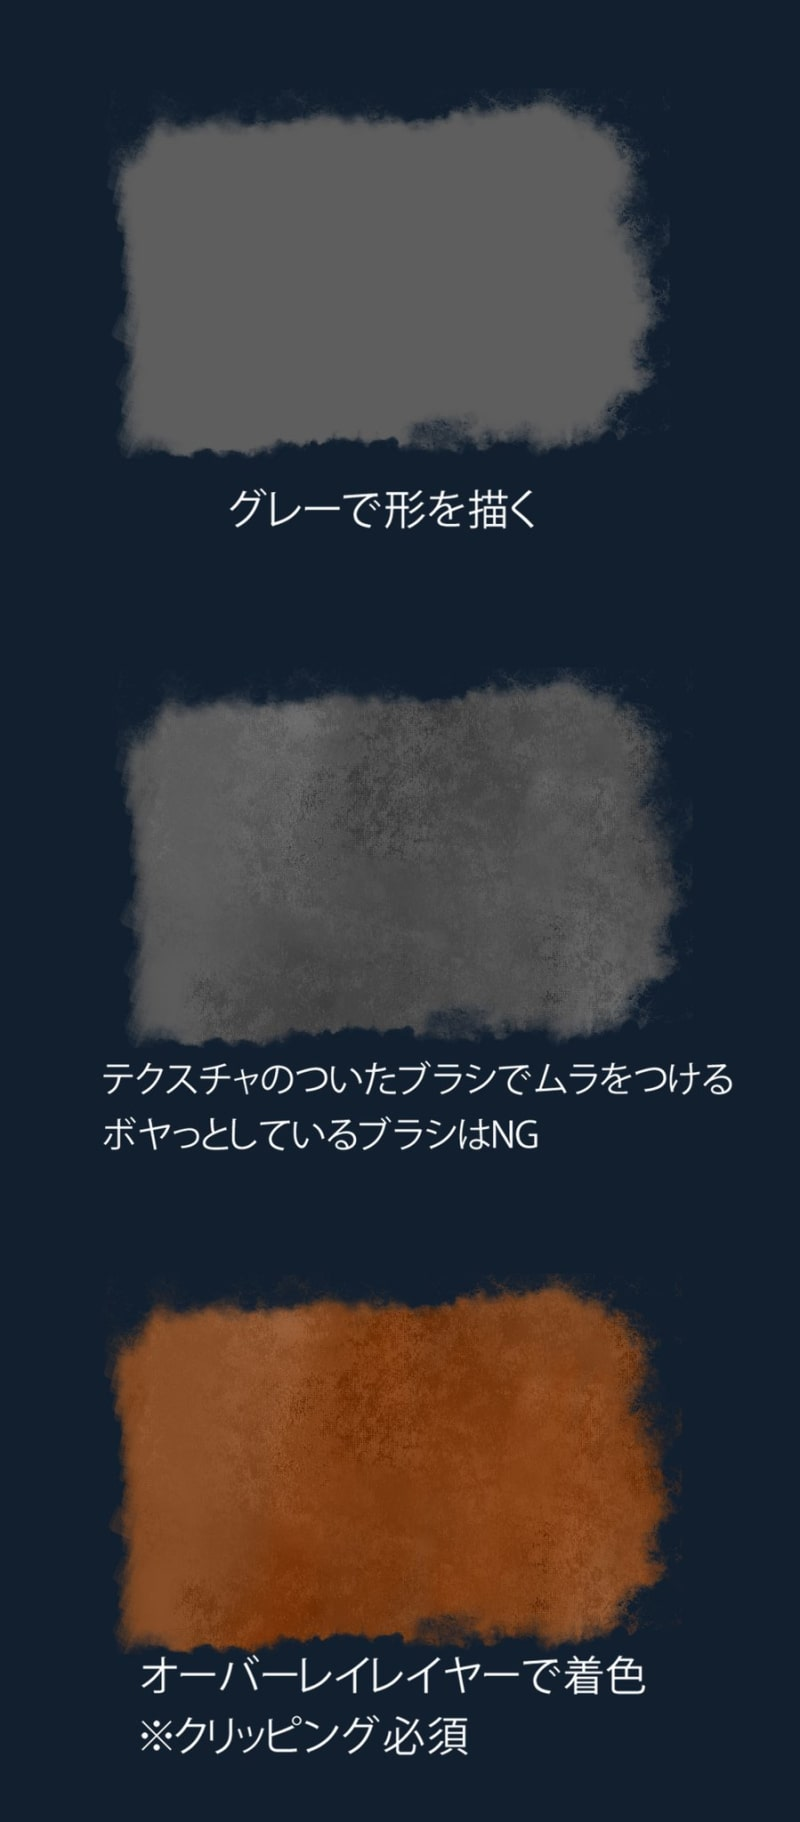 レンガの描き方序盤